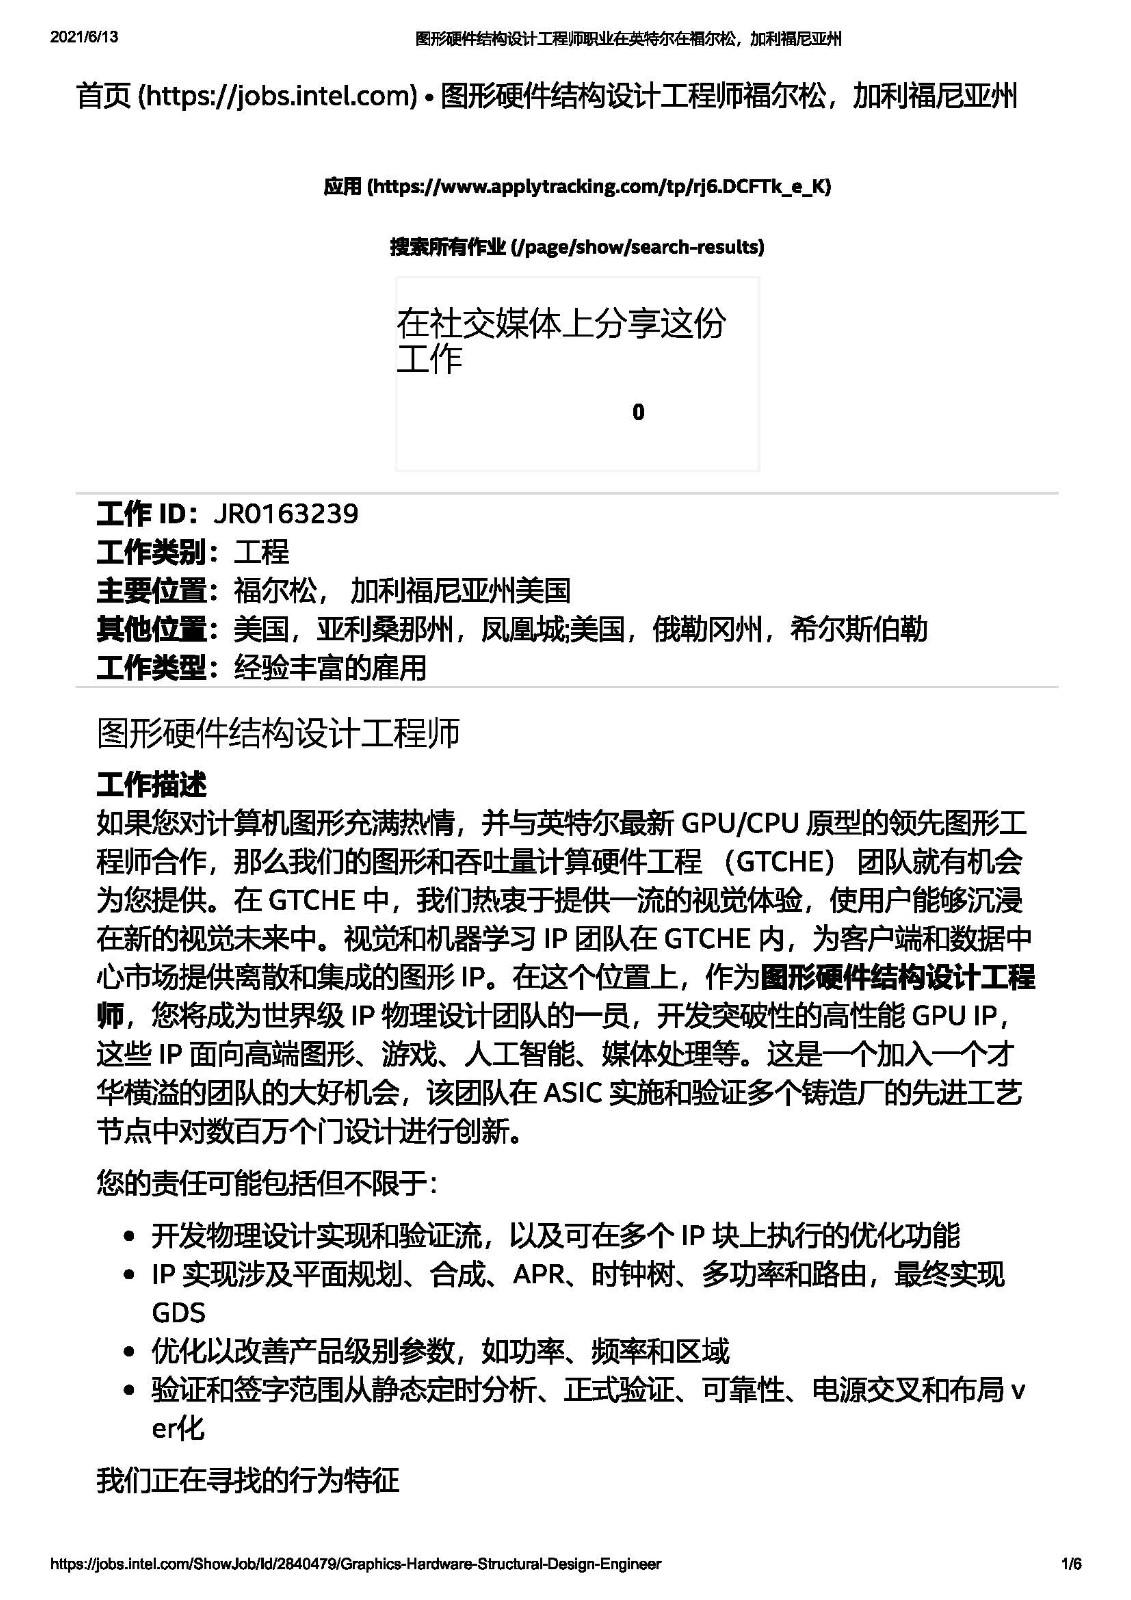 招聘标准——intel公司_图1-4